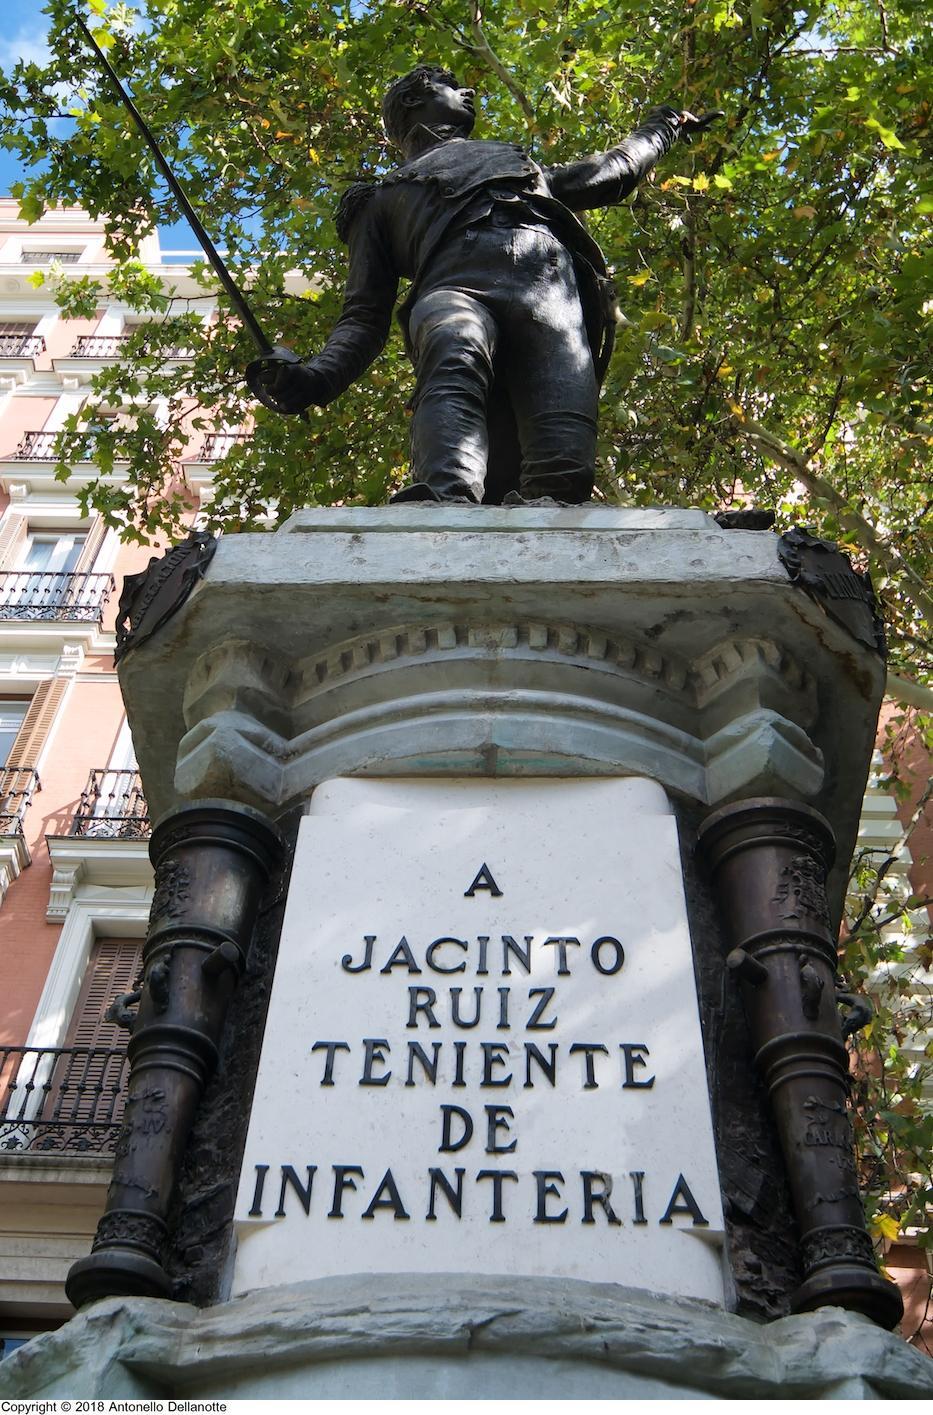 Monumento en honor a Jacinto Ruiz Mendoza en la plaza del Rey, Madrid